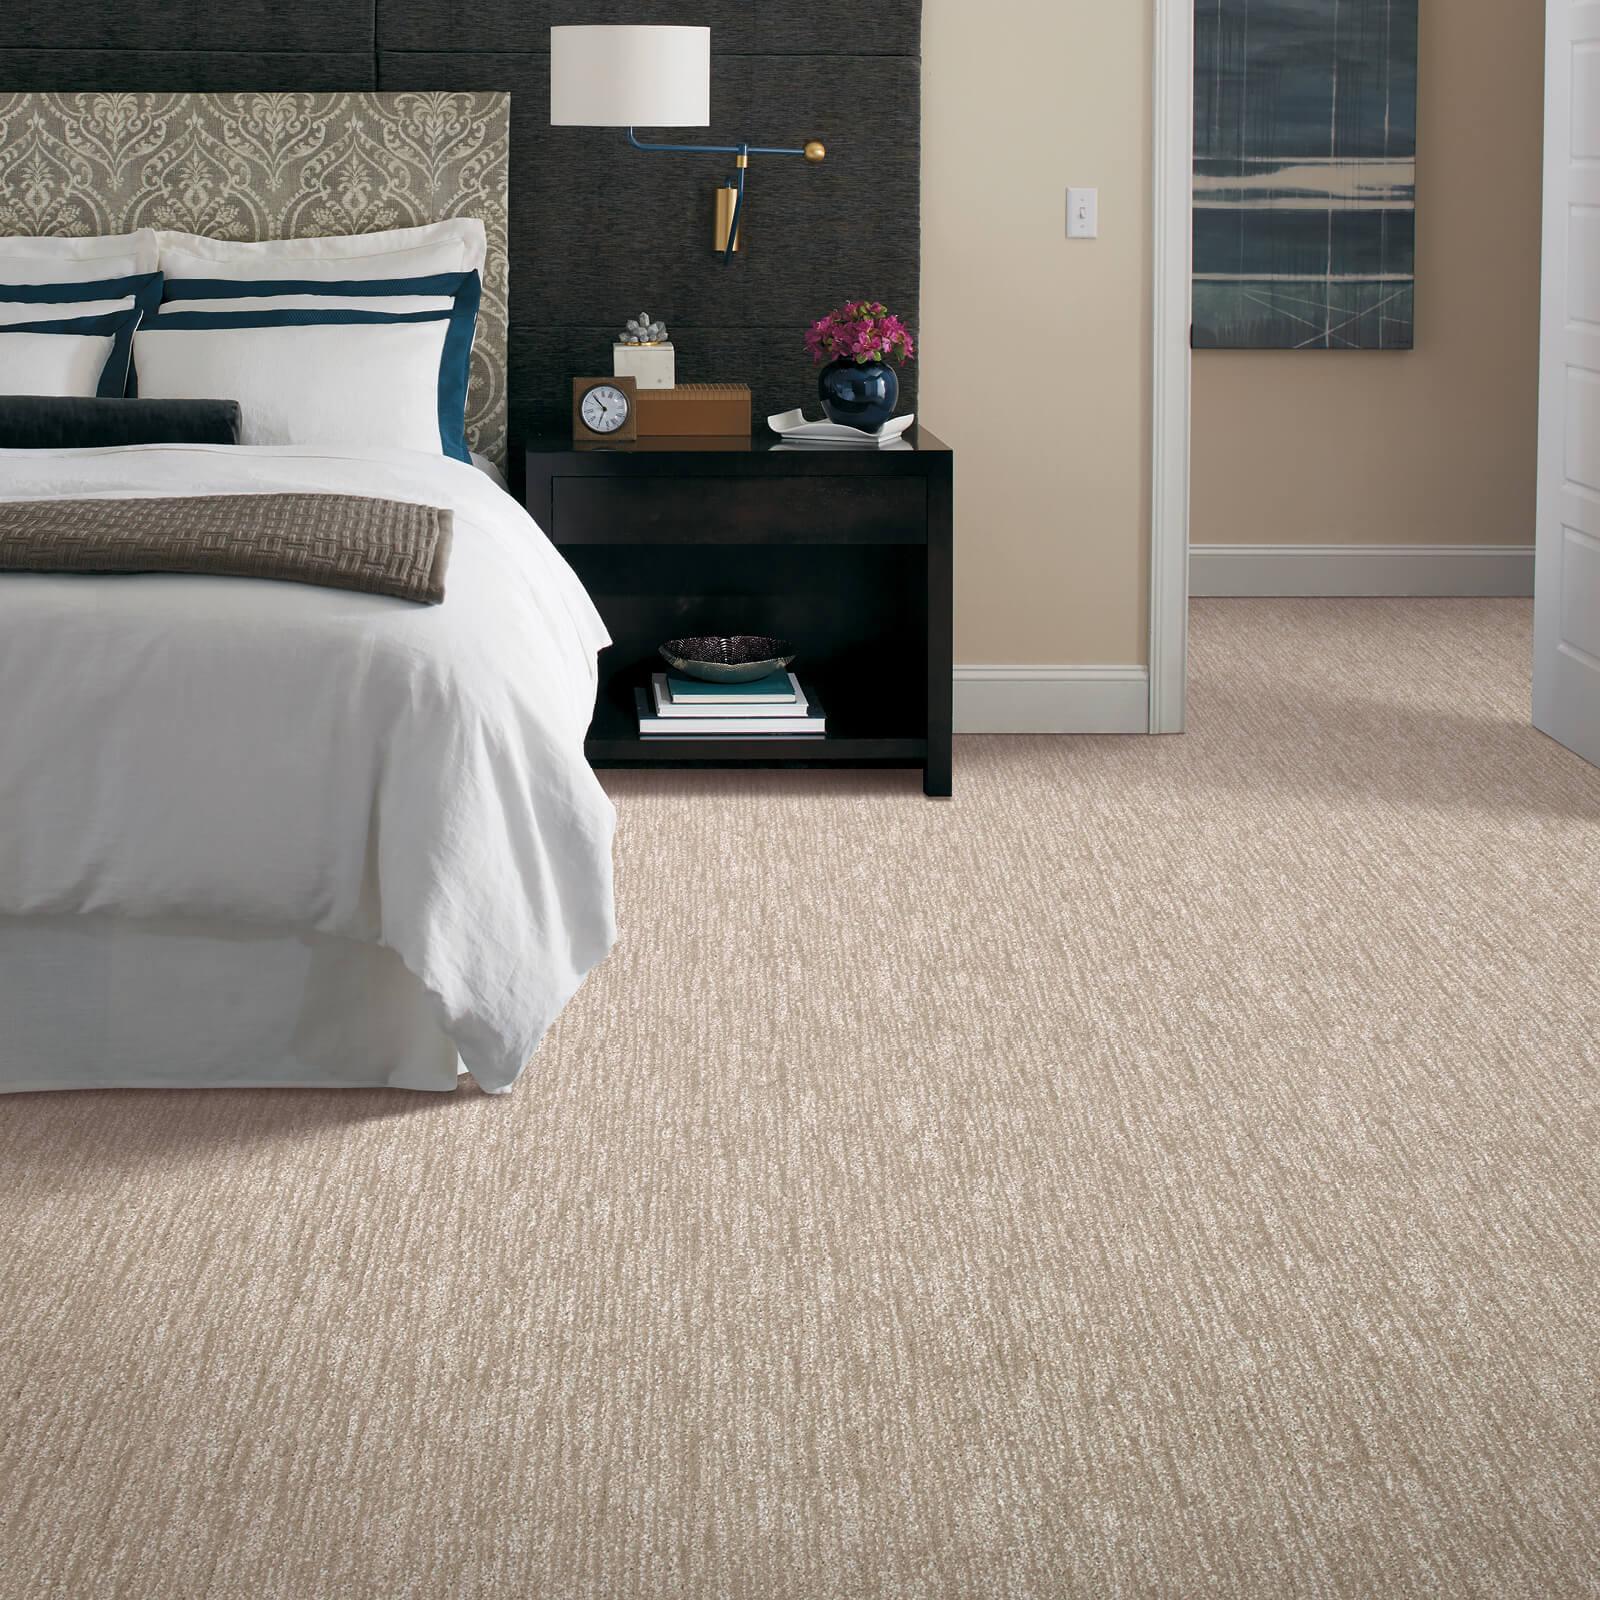 New carpet in bedroom | Flooring by Wilson's Carpet Plus